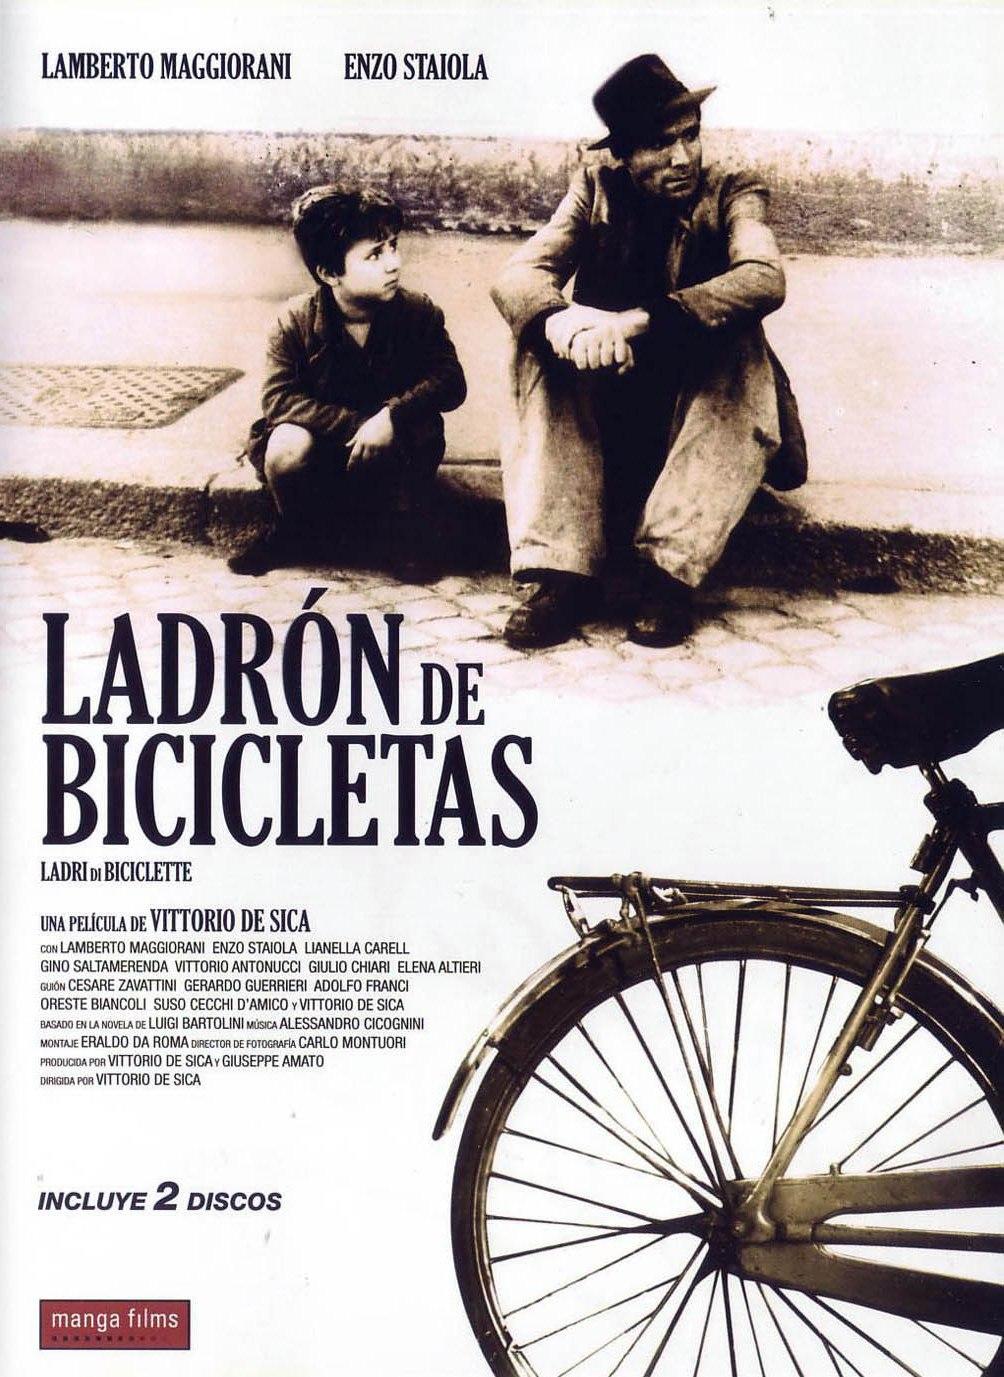 [Imagen: Ladron_De_Bicicletas_%2528Edicion_Remast...ratula.jpg]